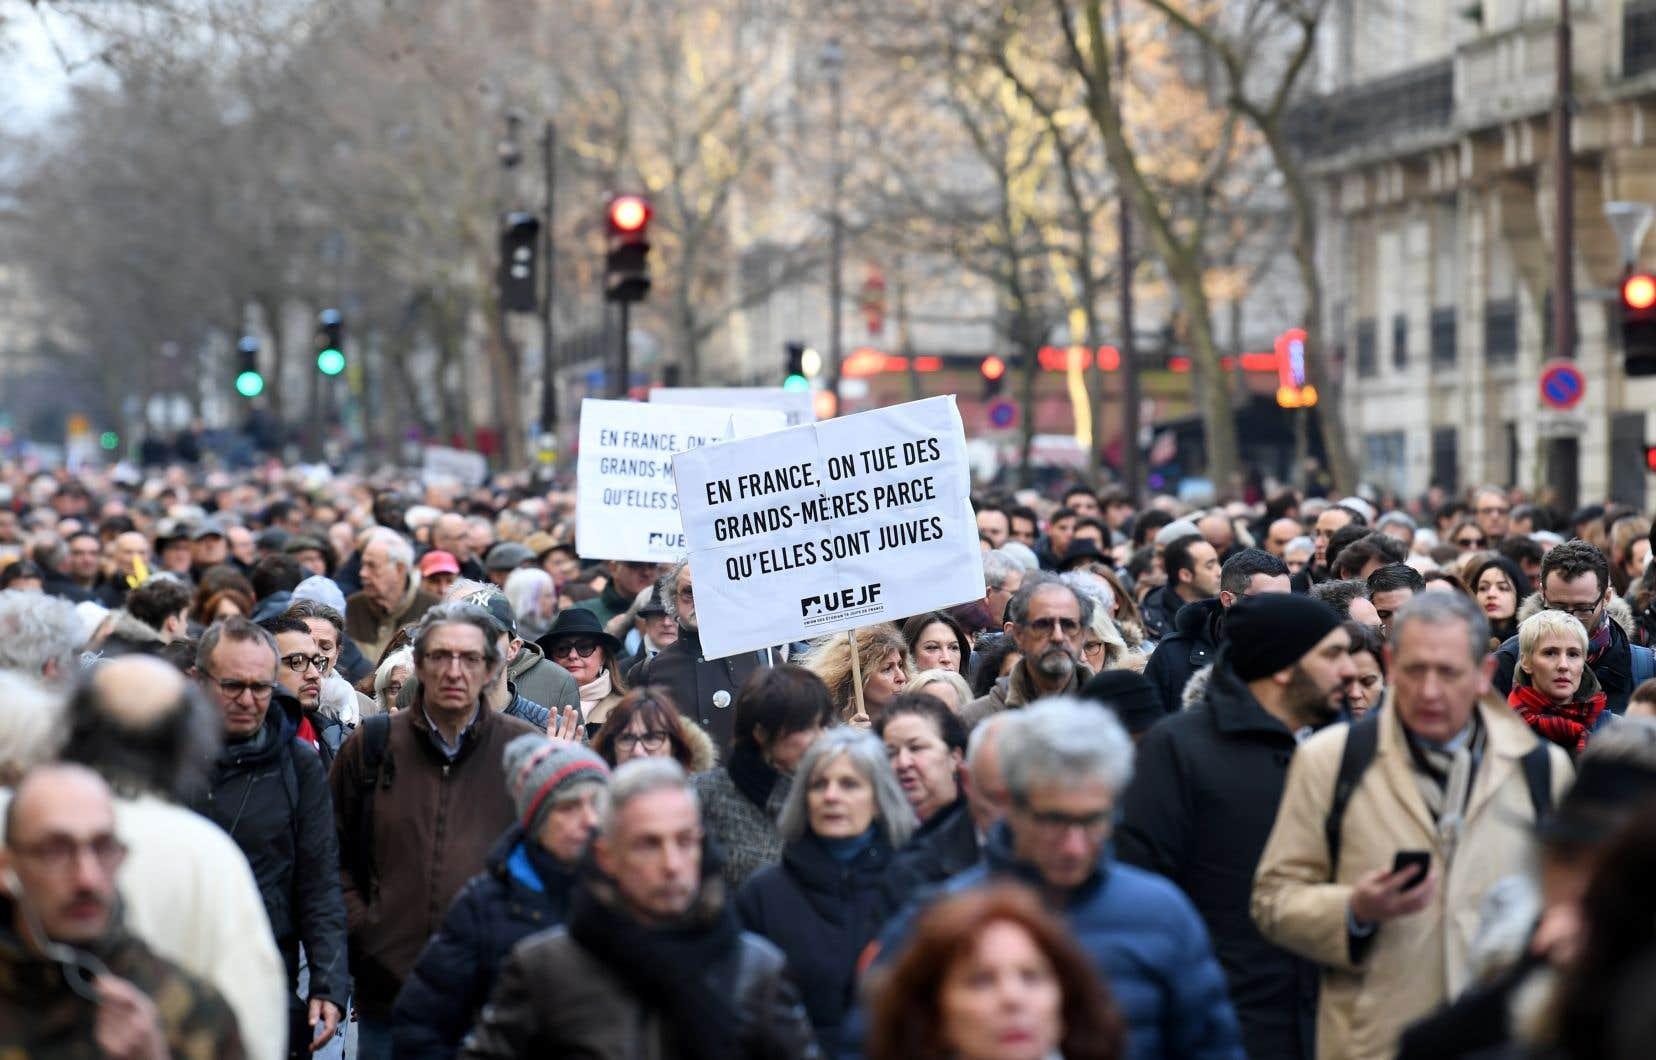 Des manifestants brandissent des pancartes lors d'une marche à Paris, mercredi, à la mémoire de Mireille Knoll, une femme juive de 85 ans assassinée chez elle dans ce que la police croit être une attaque antisémite.